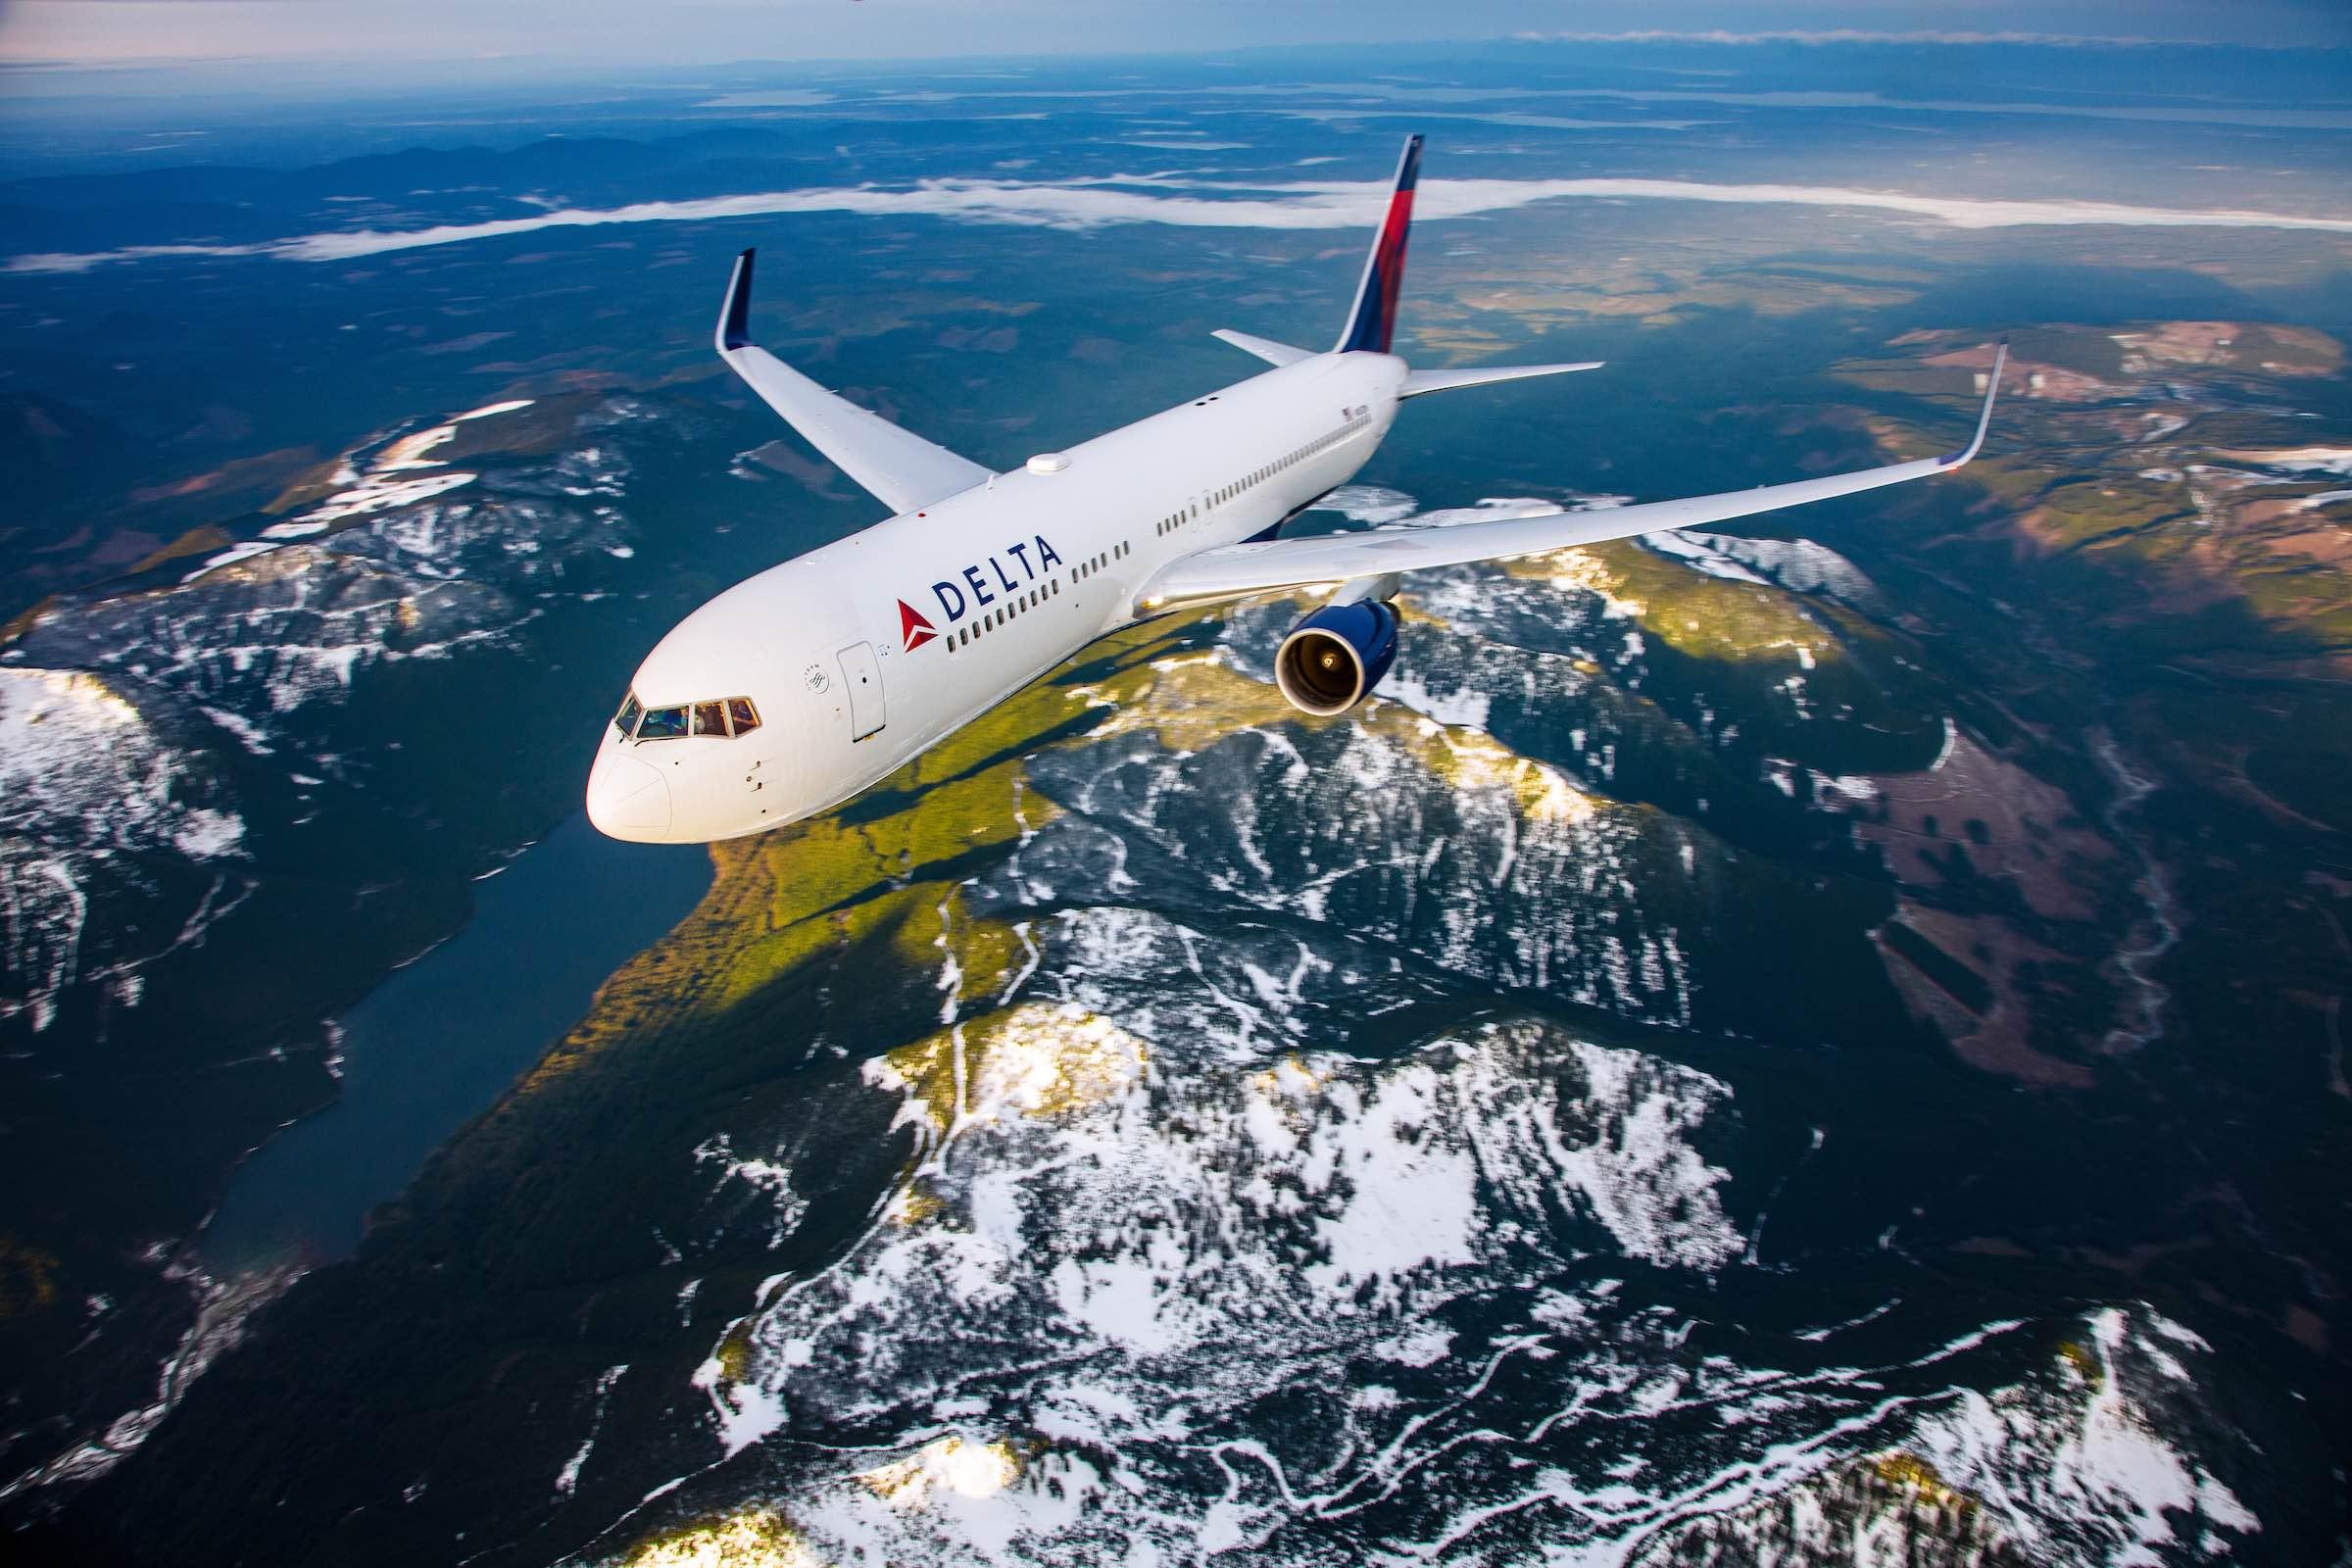 デルタ航空、来年に関西/シアトル線を再開へ、大韓航空との共同事業で